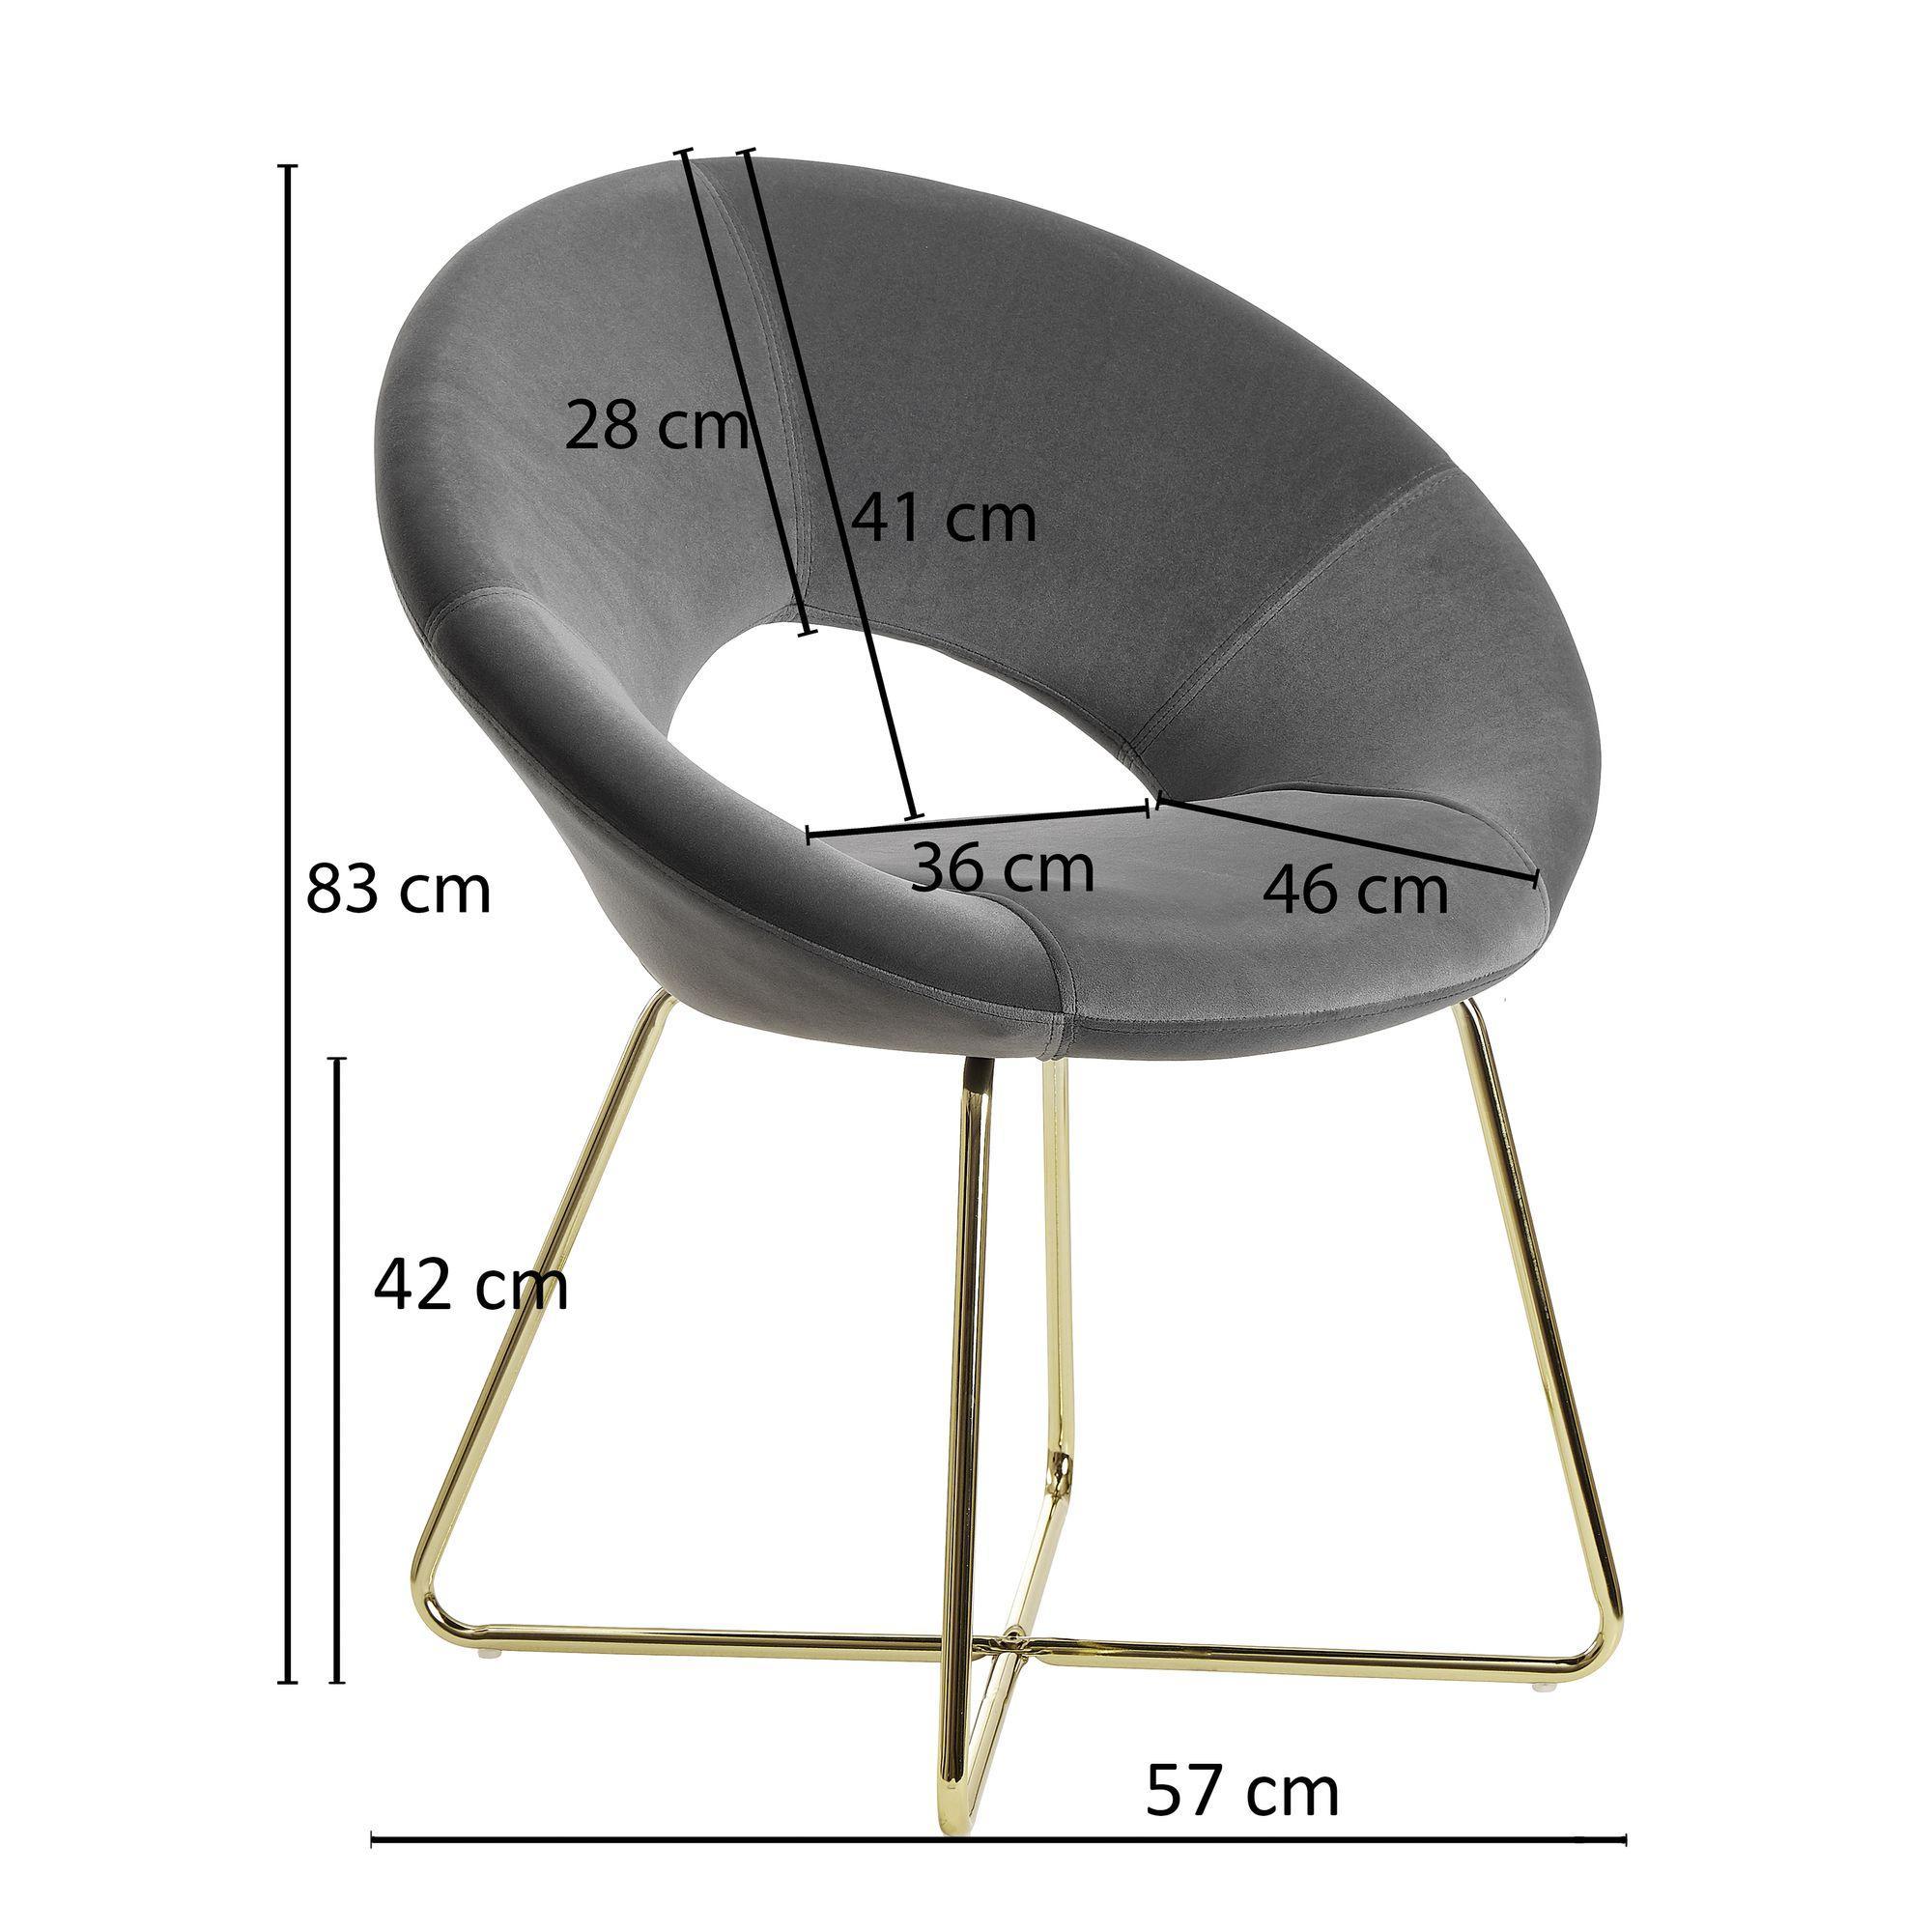 Graue Stühle Mit Goldenen Beinen